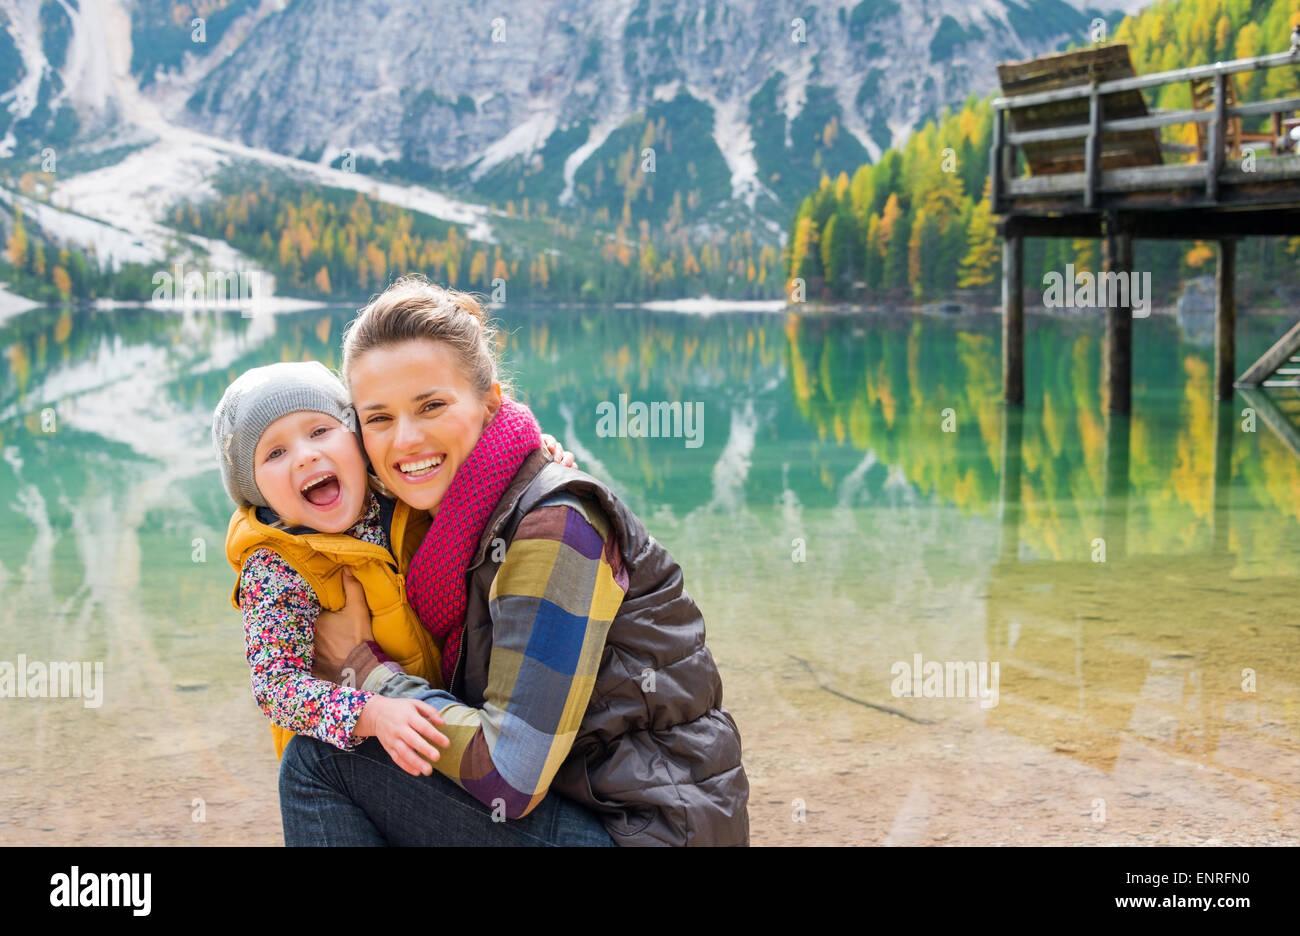 Knienden Mutter und stehende Kind tragen Outdoor-Ausrüstung sind kuscheln, Lächeln und Lachen am Ufer Stockbild